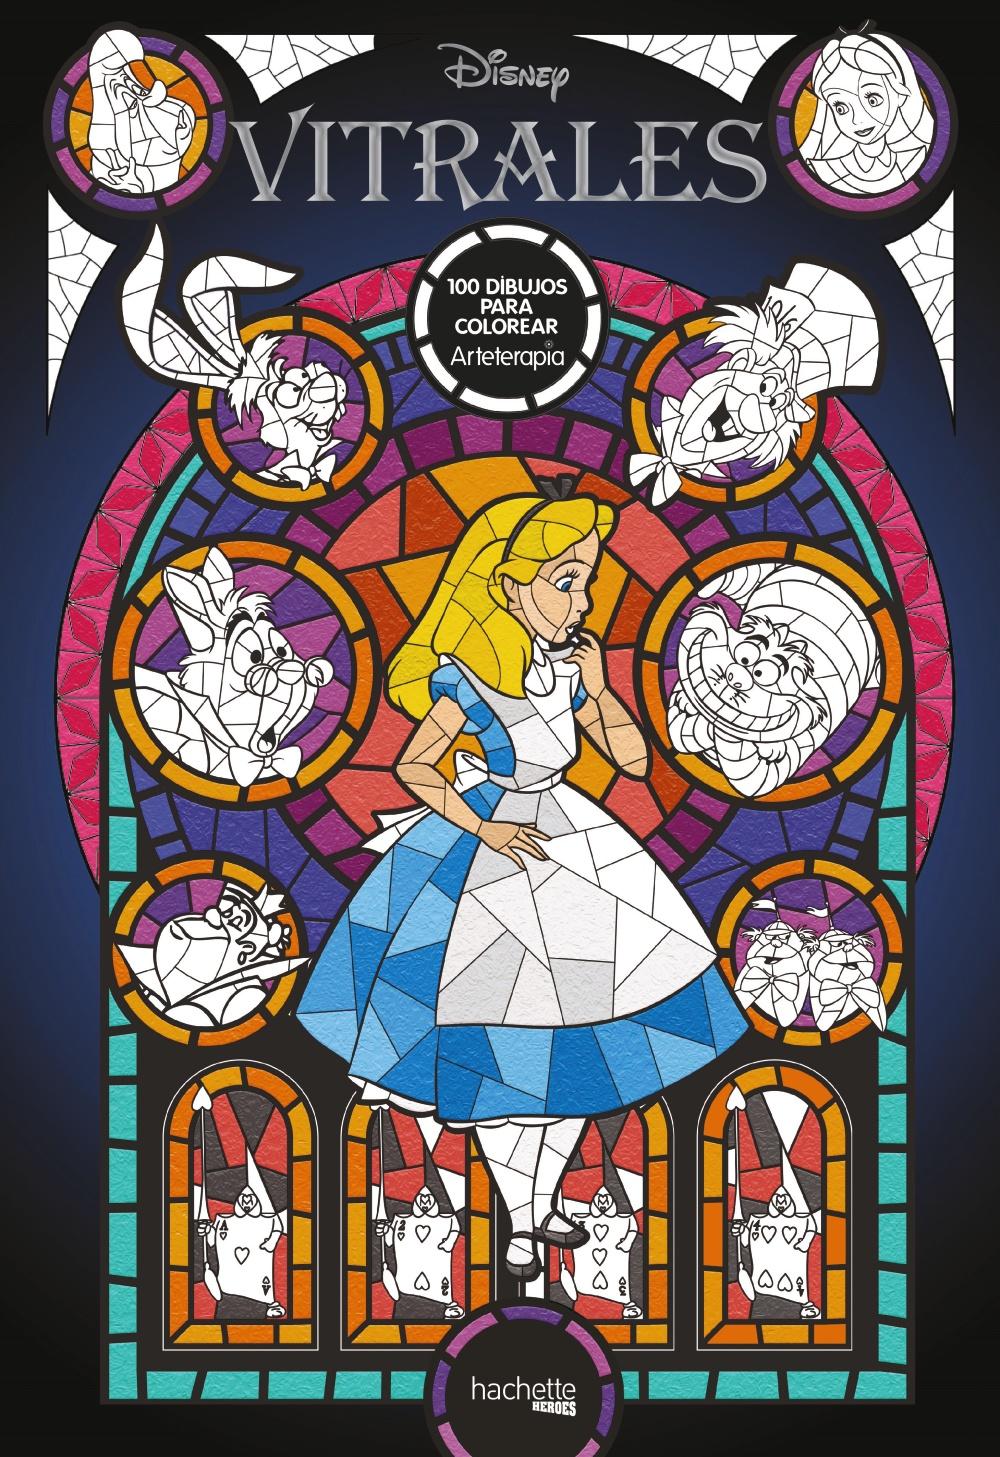 Arteterapia Vitrales Disney Libro Pdf Descargar Gratis Pdf Libros